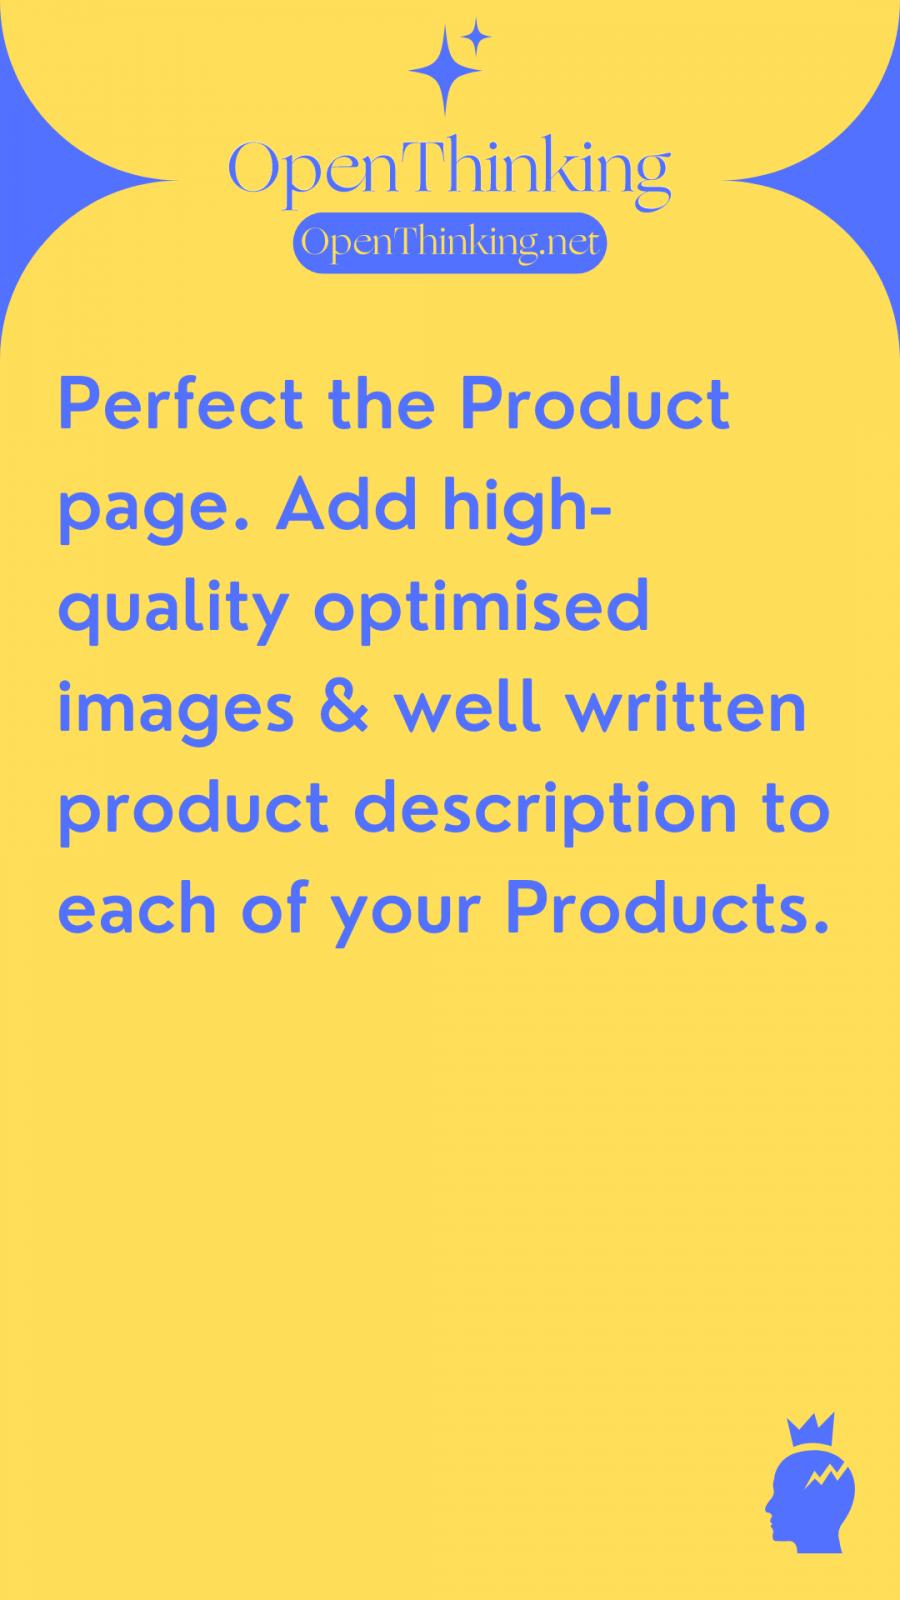 Shopify eCommerce guide product description